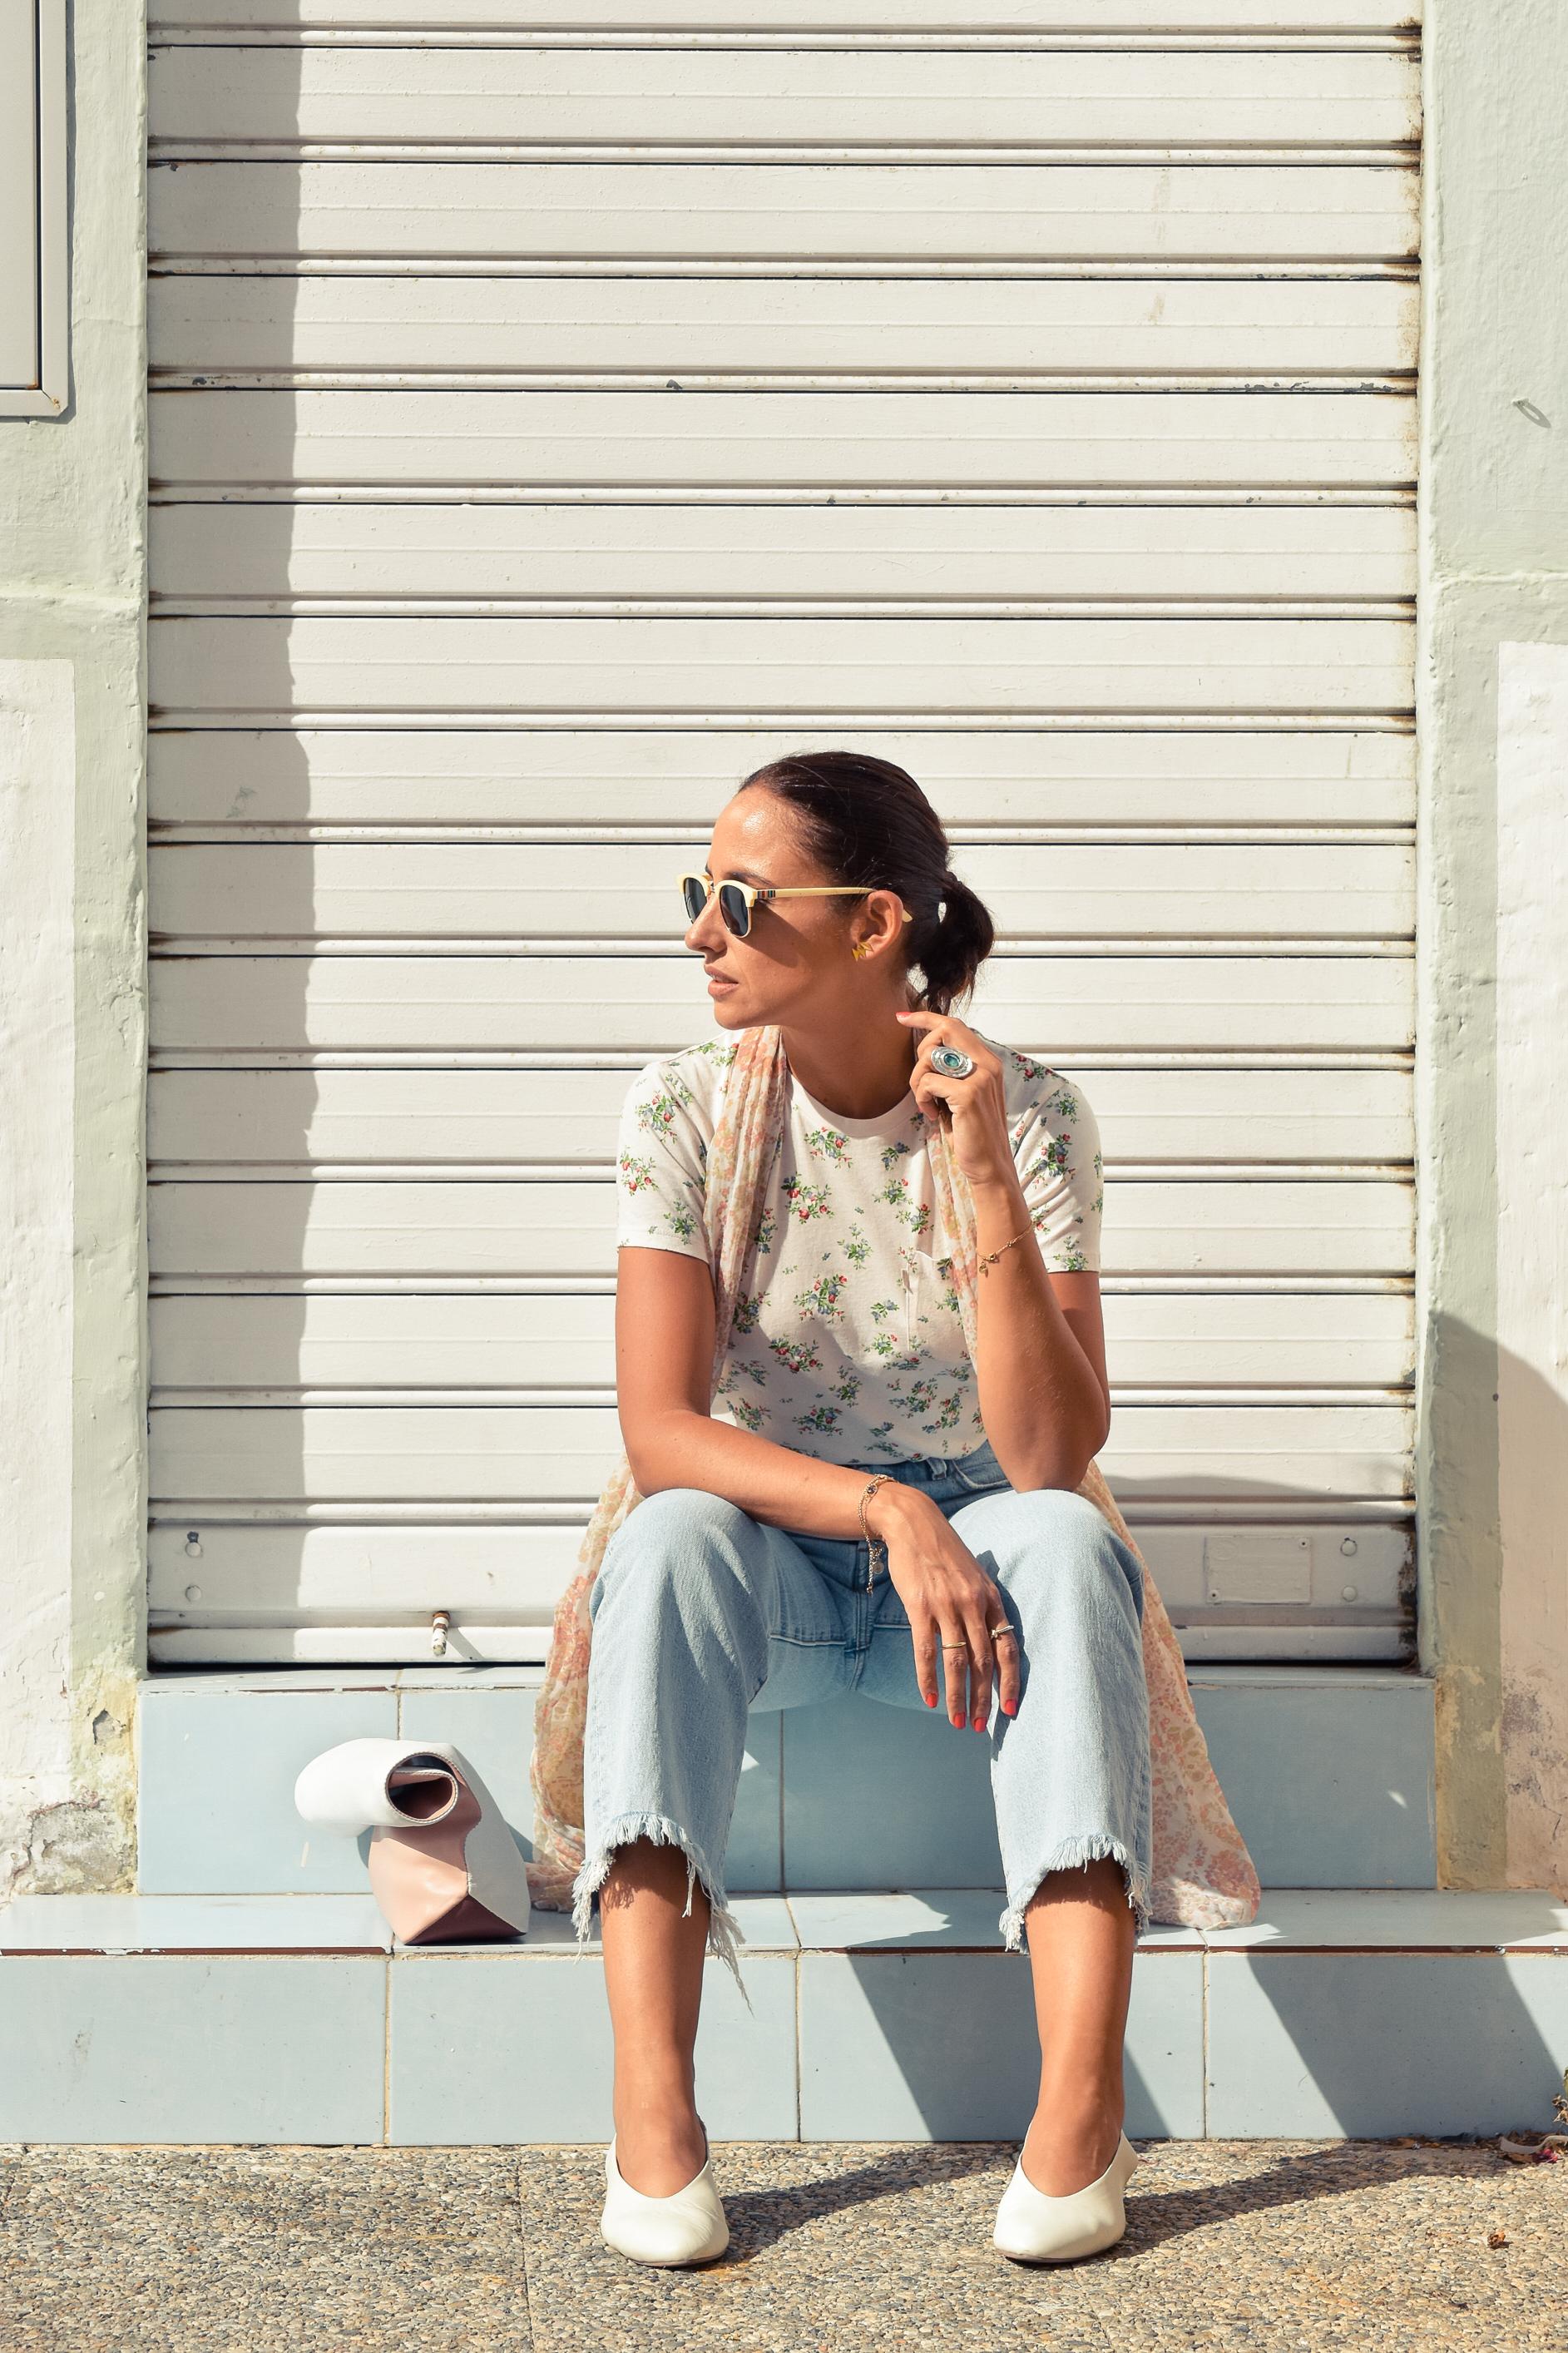 el-blog-de-silvia-look-verano-jeans-levis-camiseta-flores-02